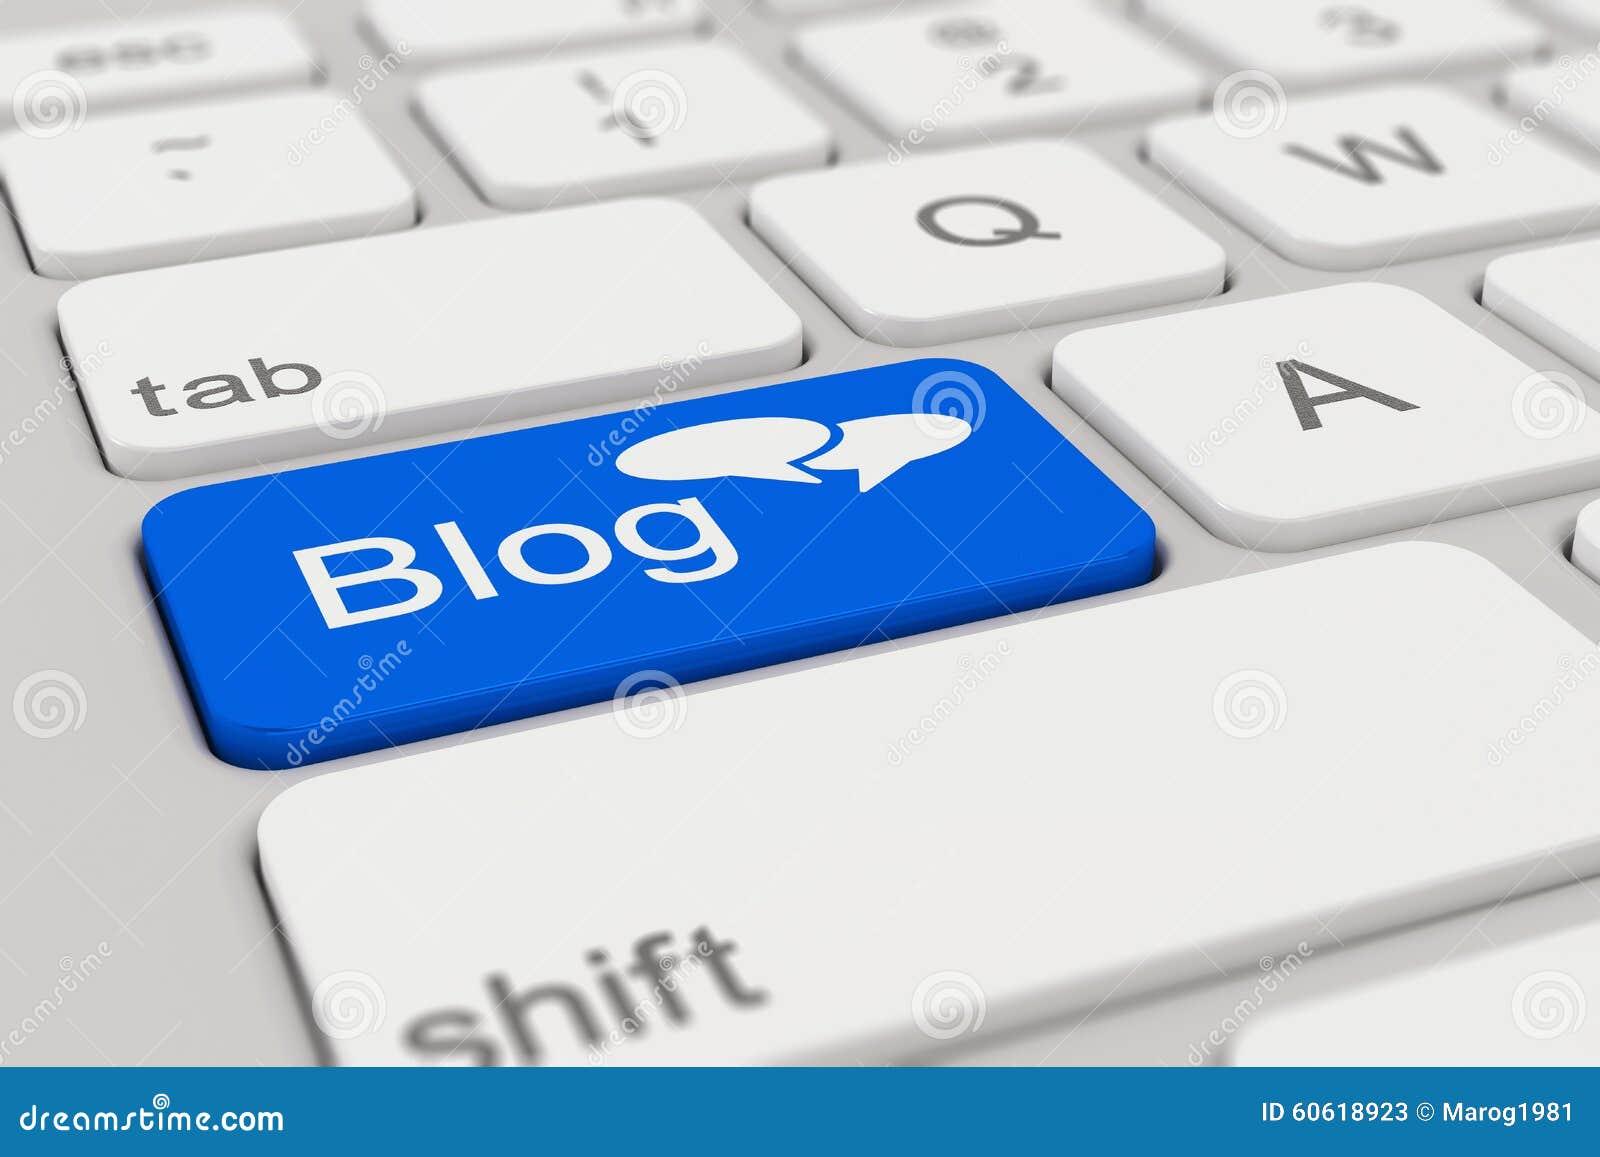 Teclado - blogue - azul